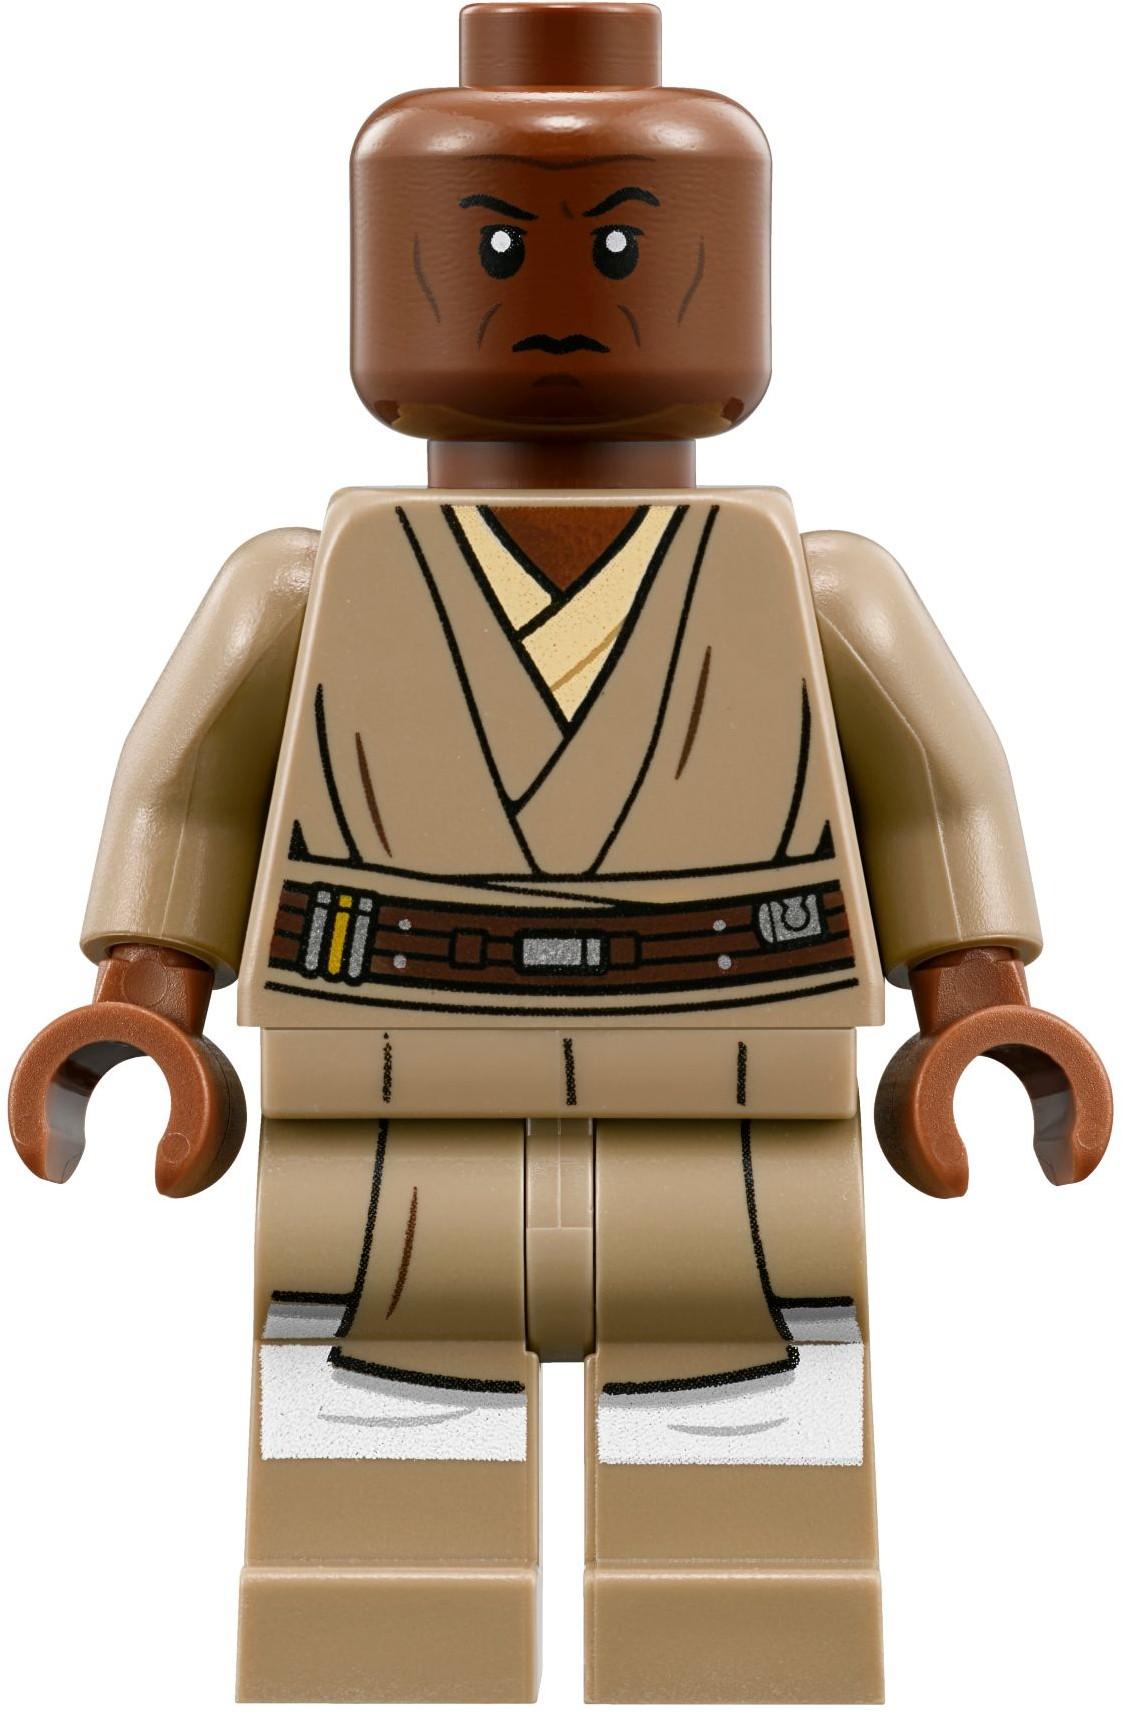 LEGO Star Wars Clone Wars Mace Windu Minifigure 7868 8019 minifigures jedi C1